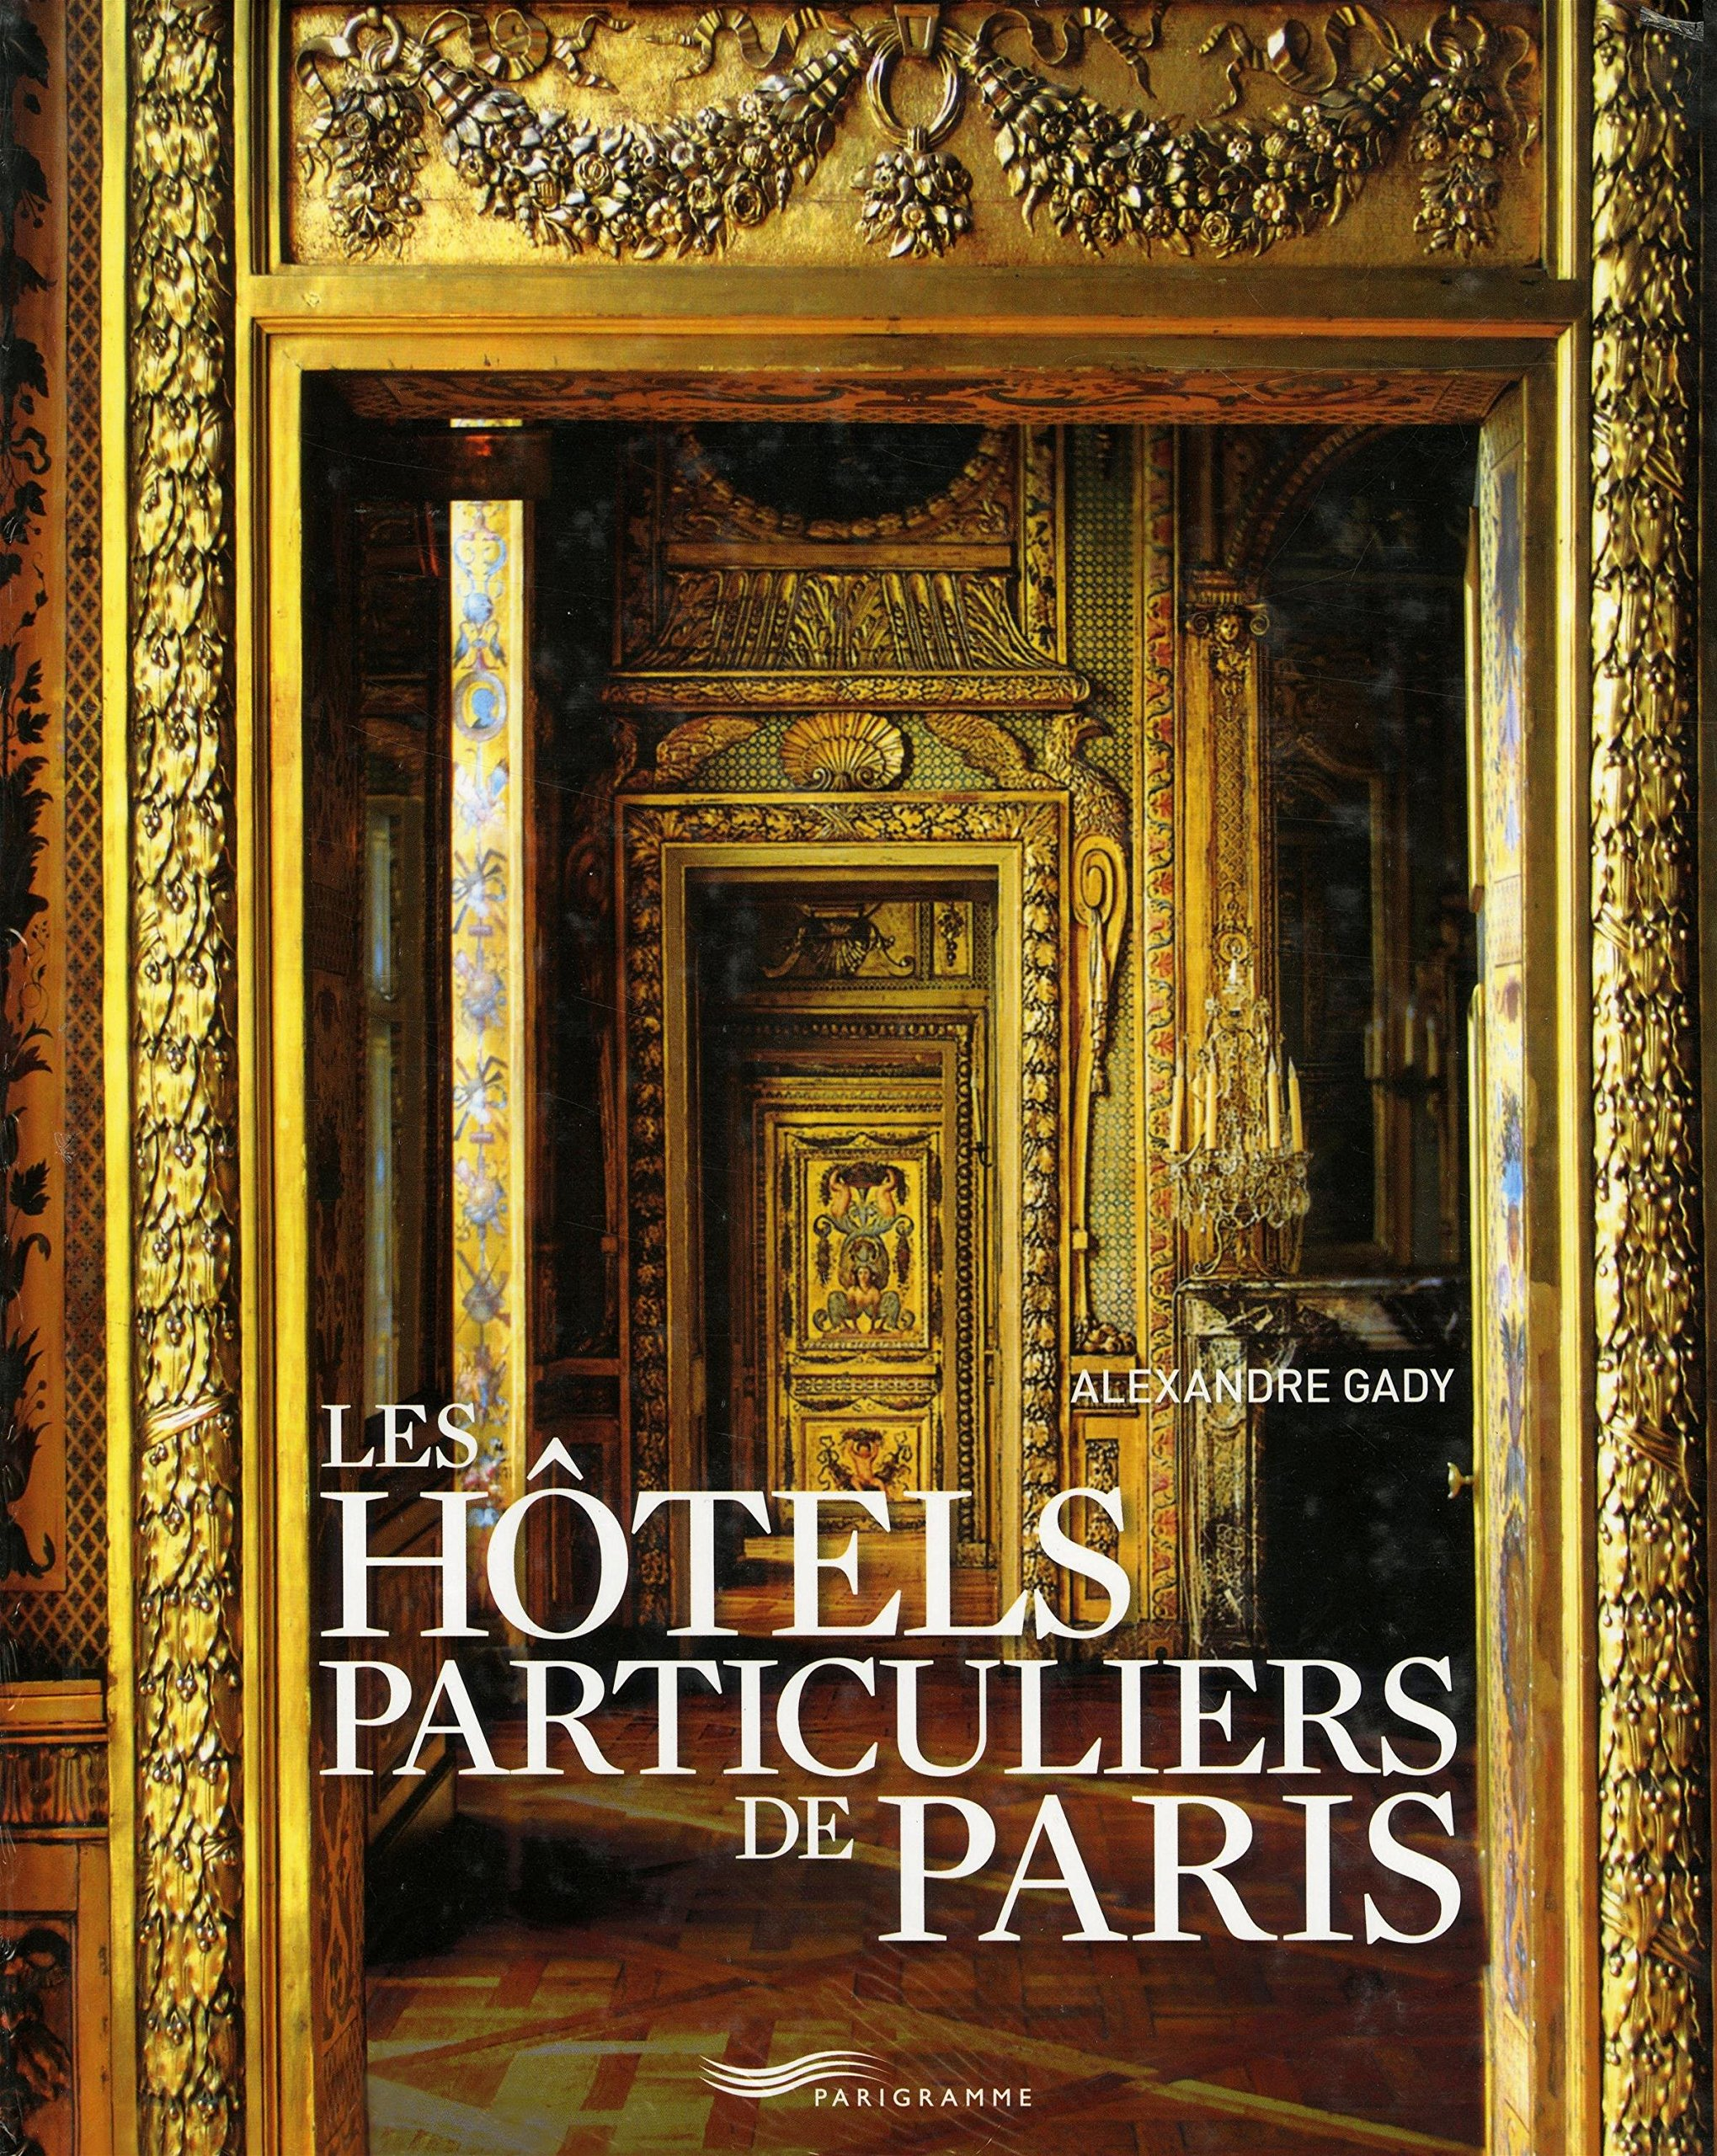 hôtels particuliers de paris book